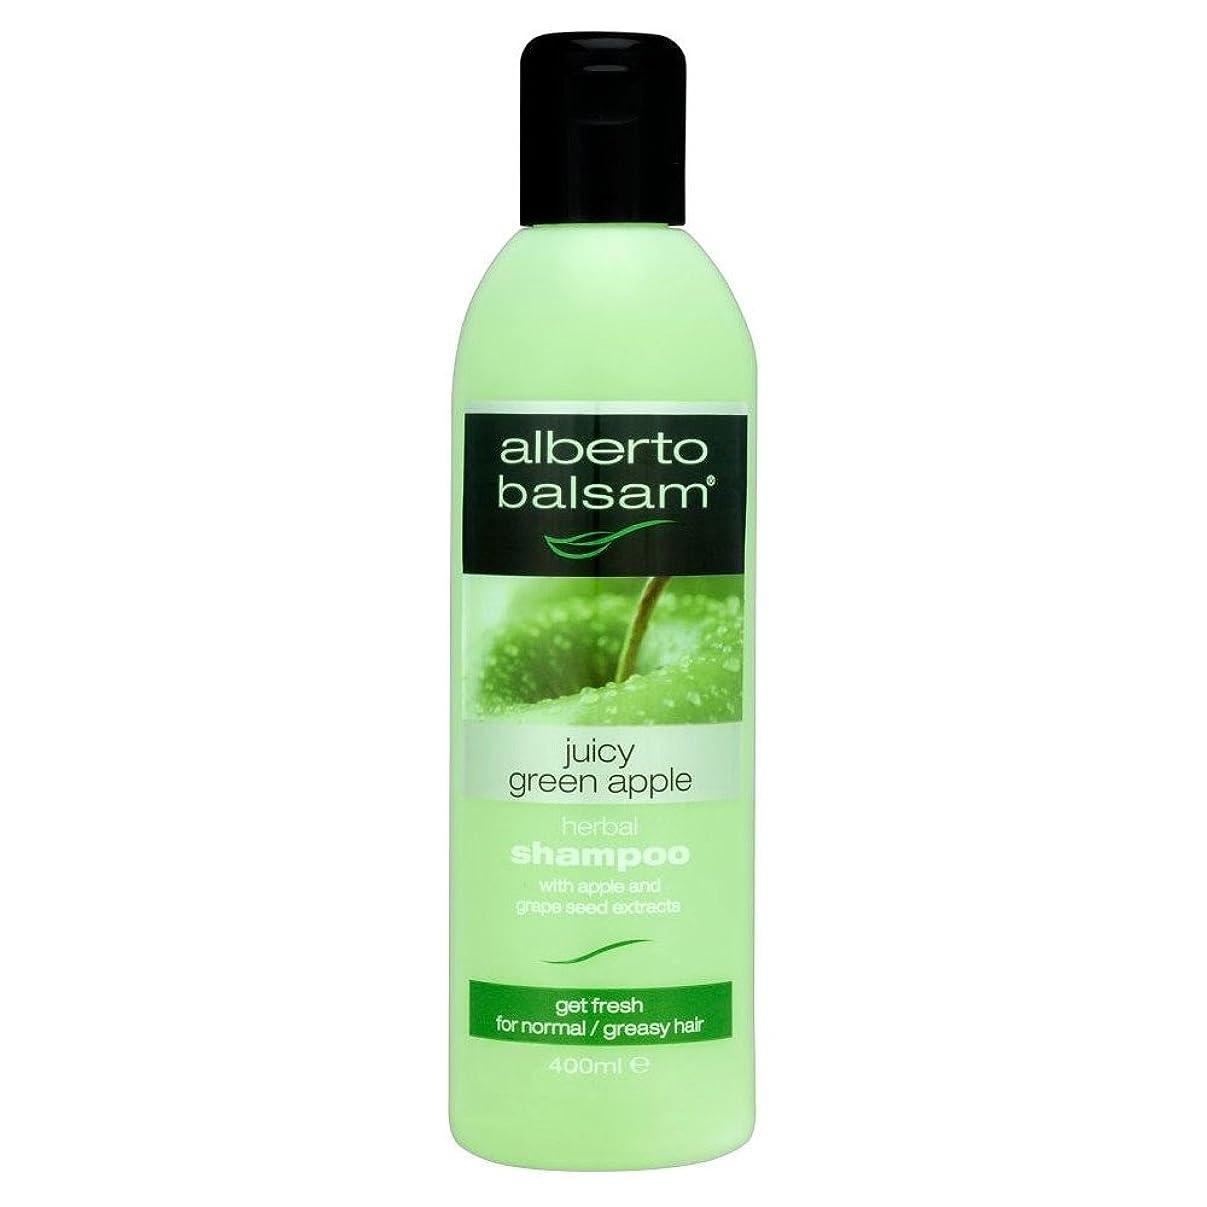 祝う西部コードレスAlberto Balsam Shampoo - Juicy Green Apple (400ml) アルベルトバルサムシャンプー - ジューシーな青リンゴ( 400ミリリットル) [並行輸入品]